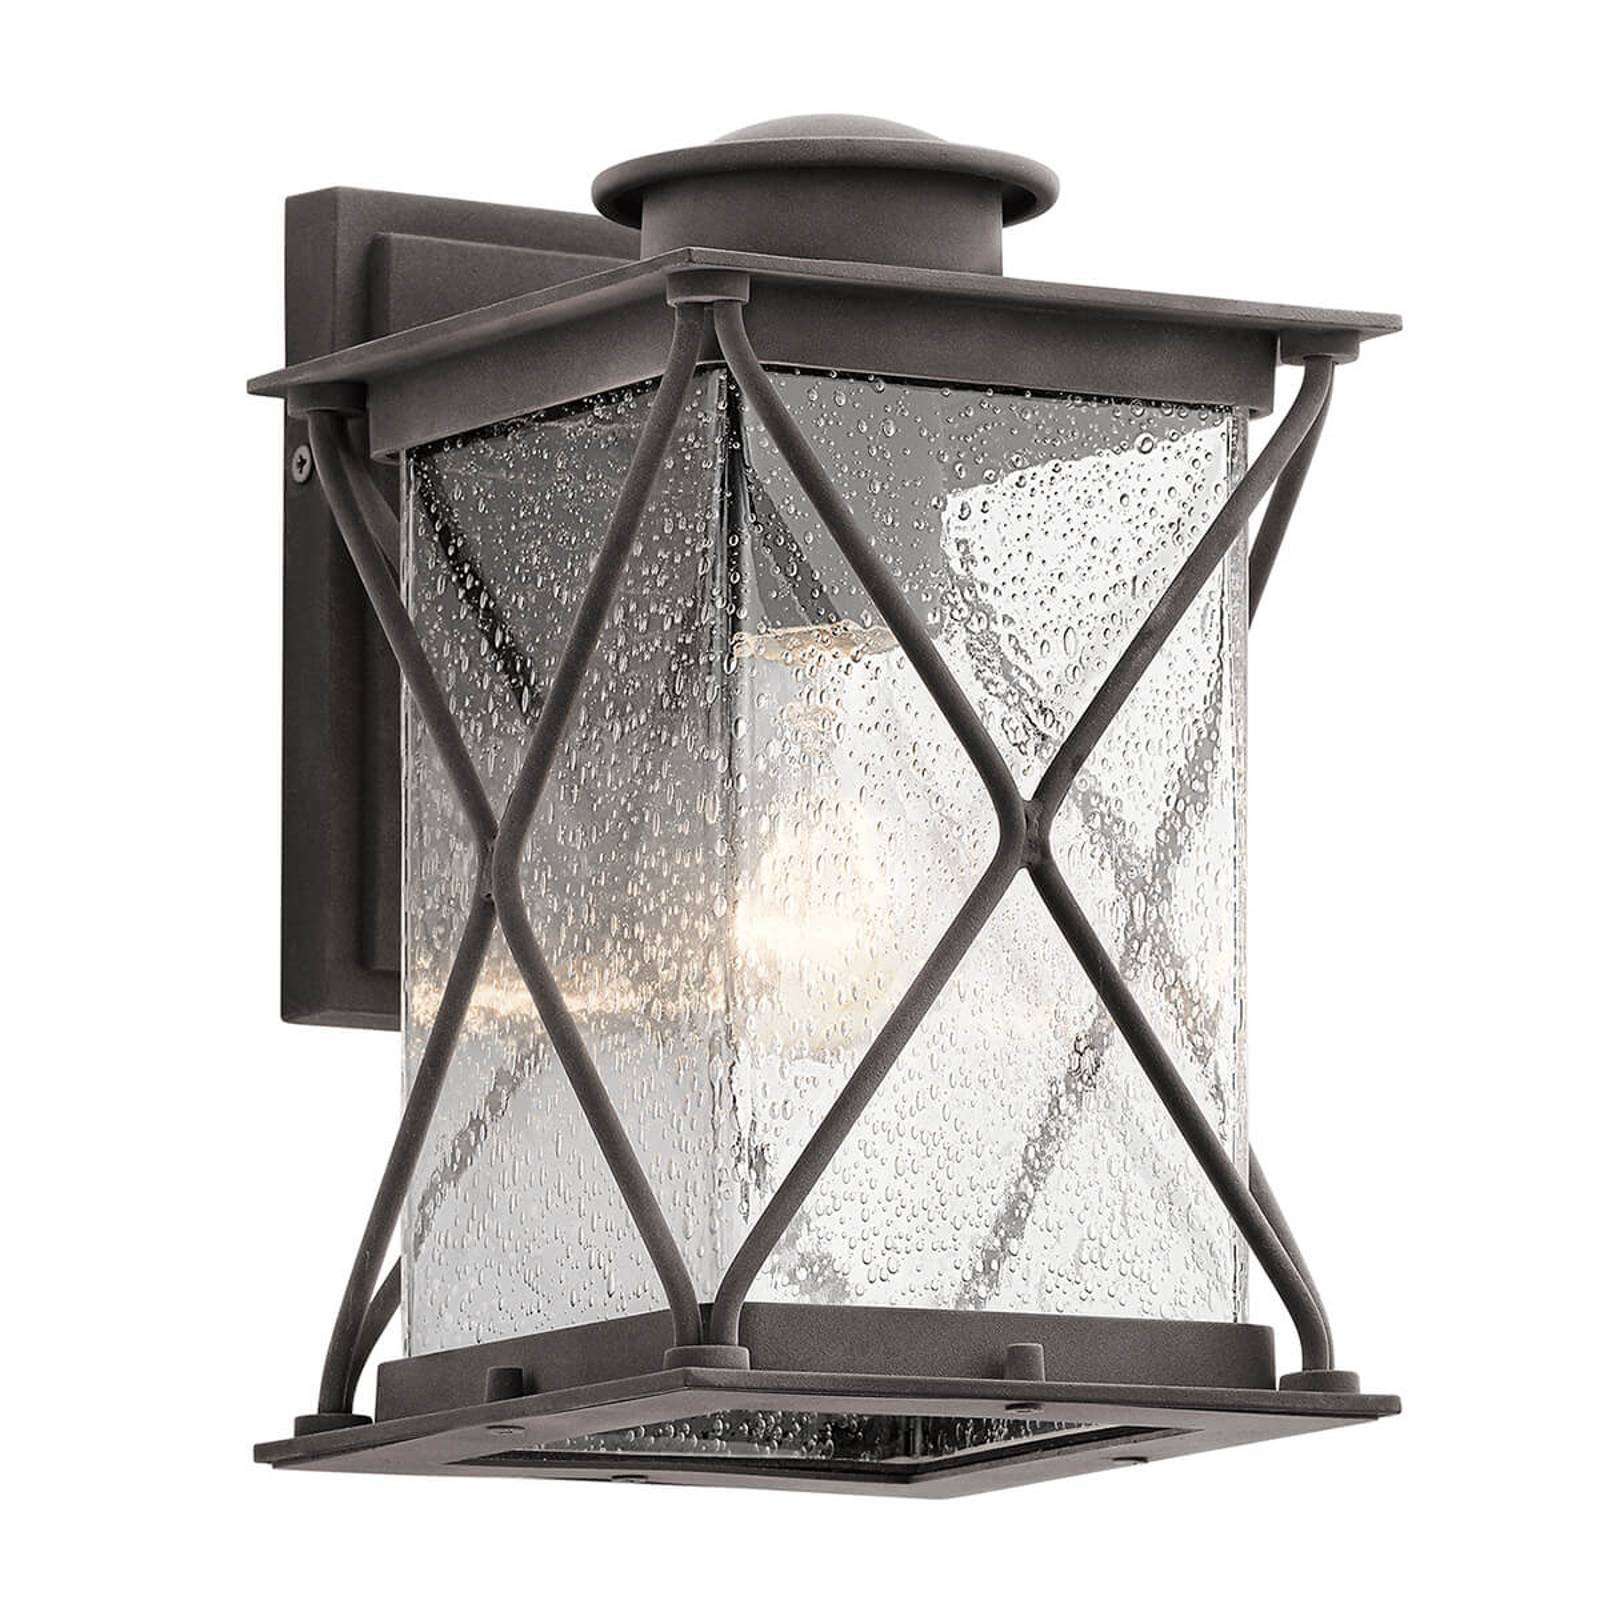 Argyle – liten utendørs vegglampe i landlig stil